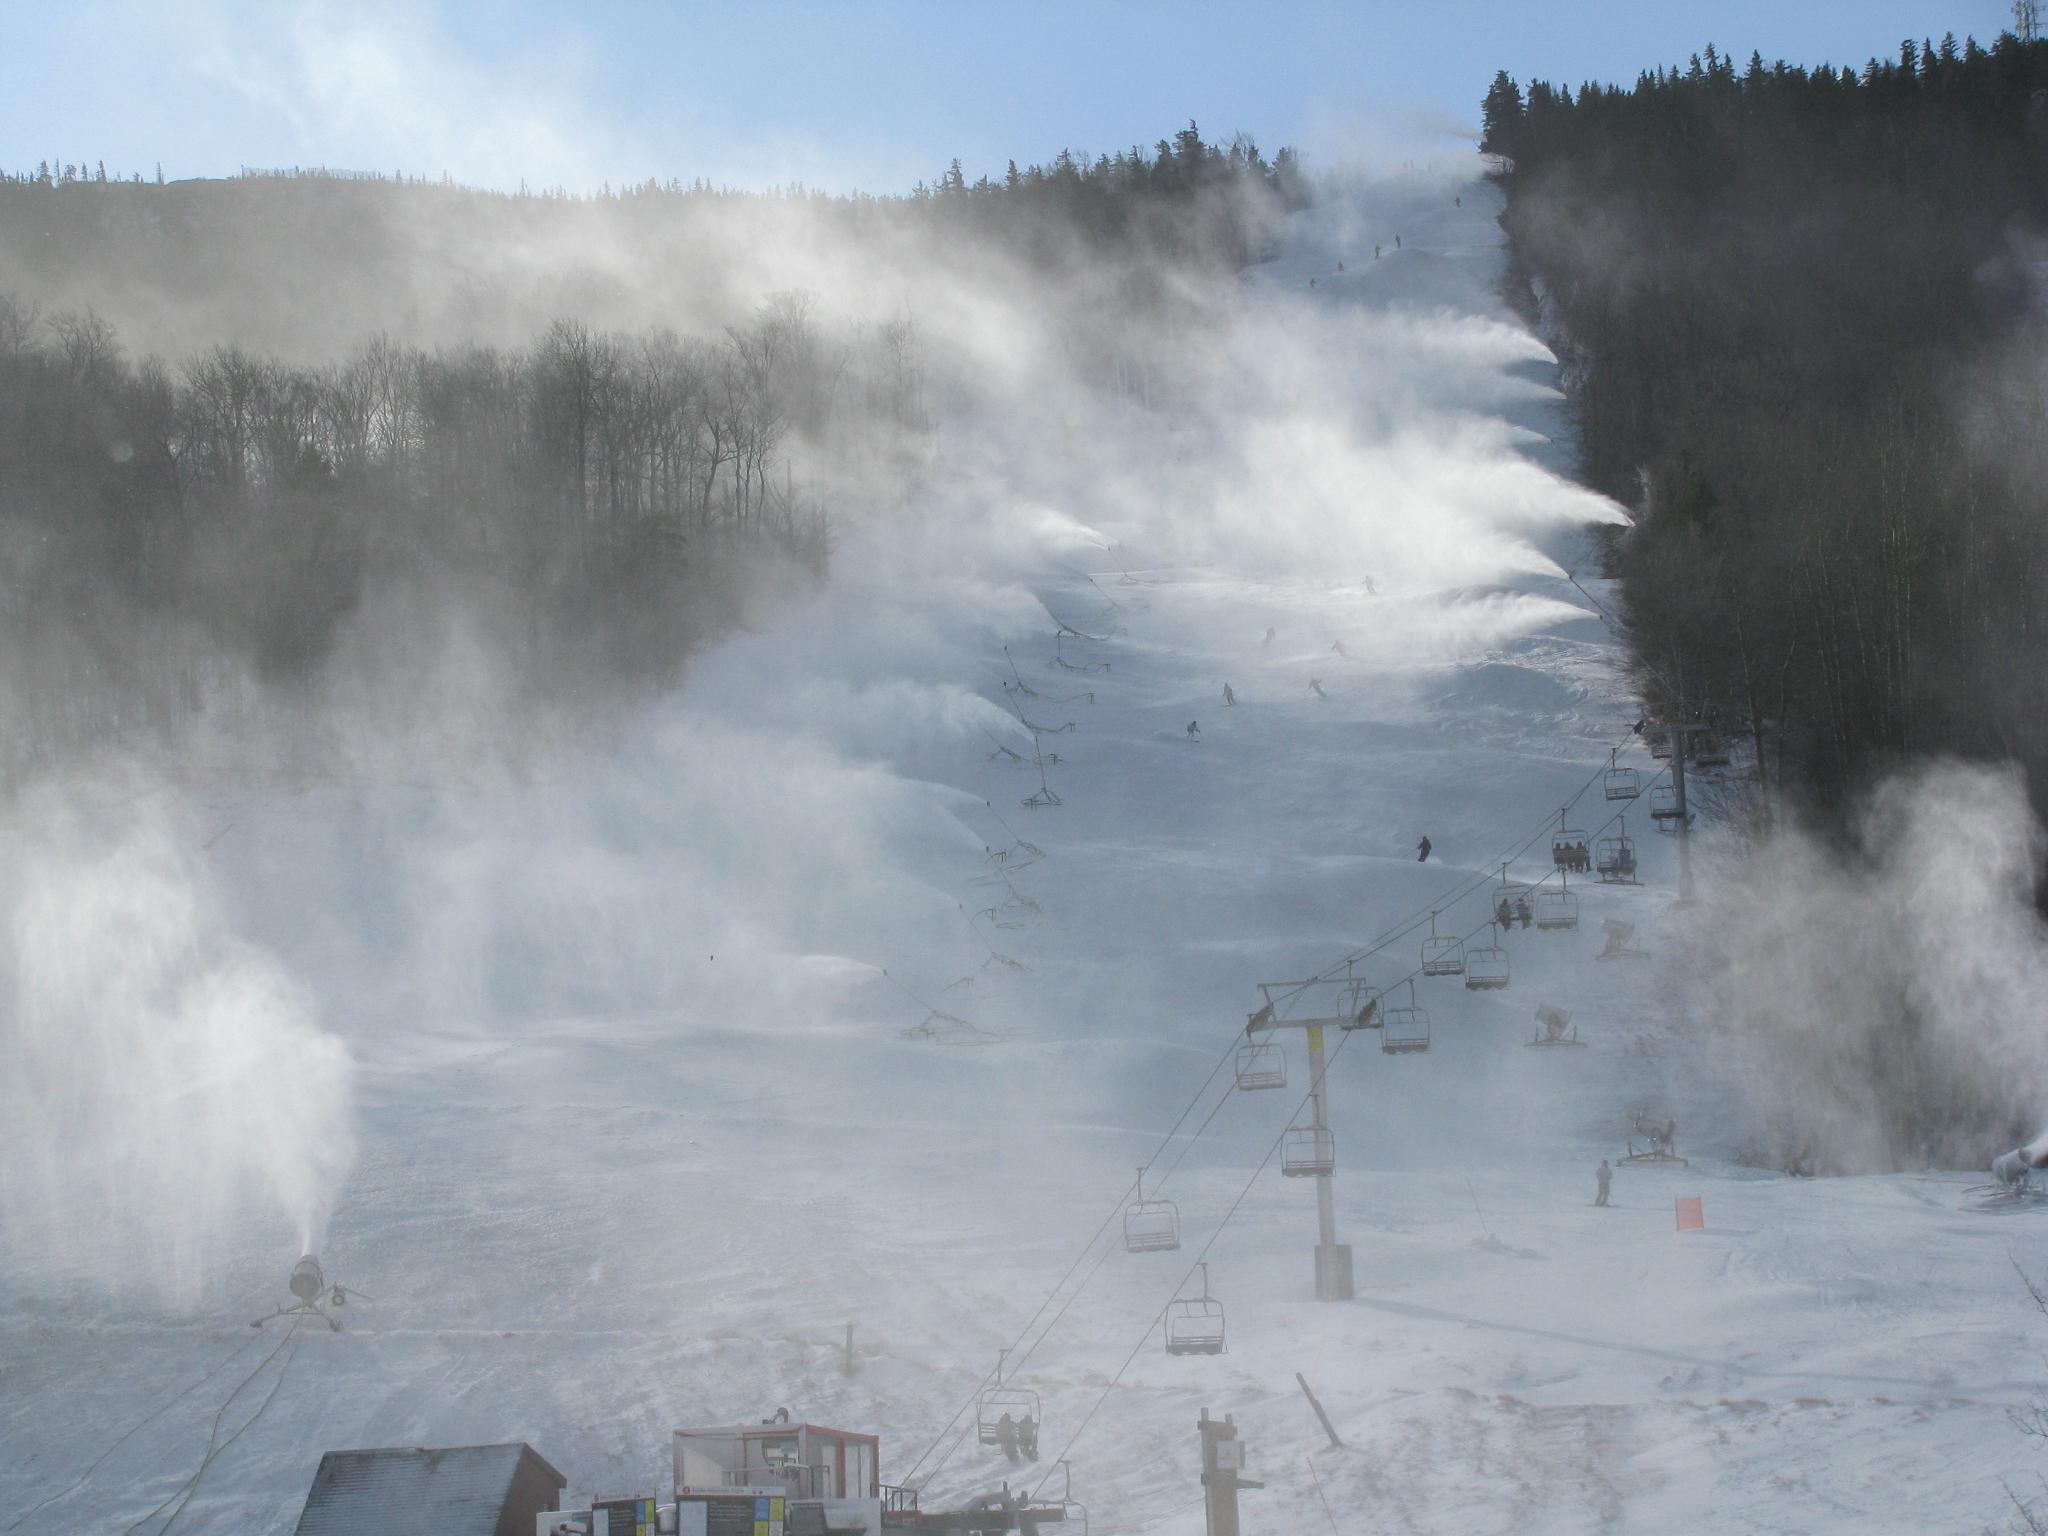 snowmaking_monday_morning.JPG